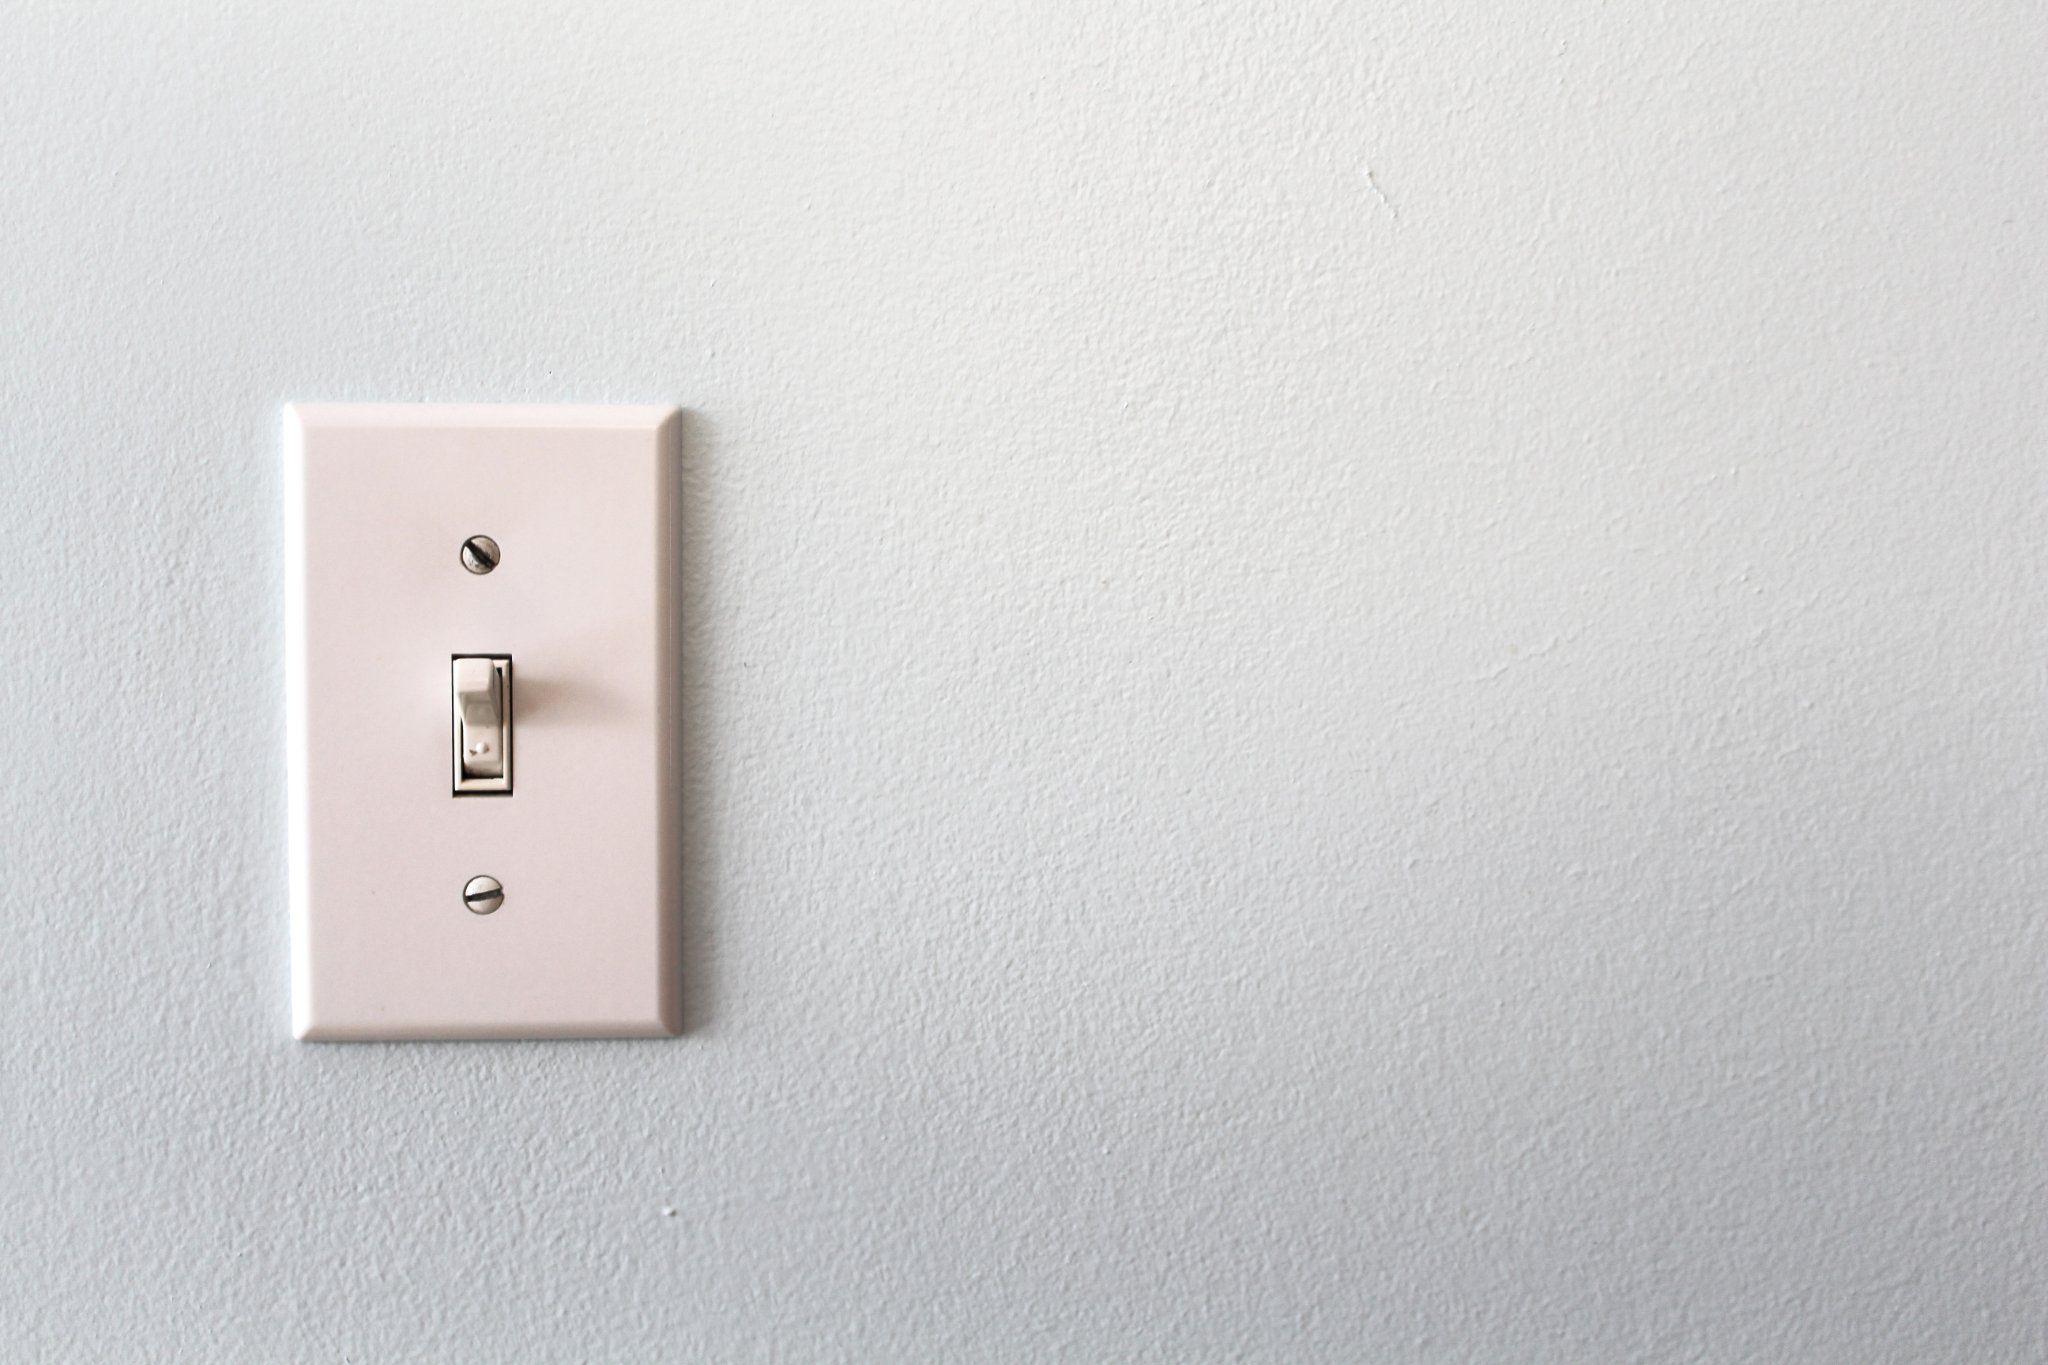 Come collegare un interruttore